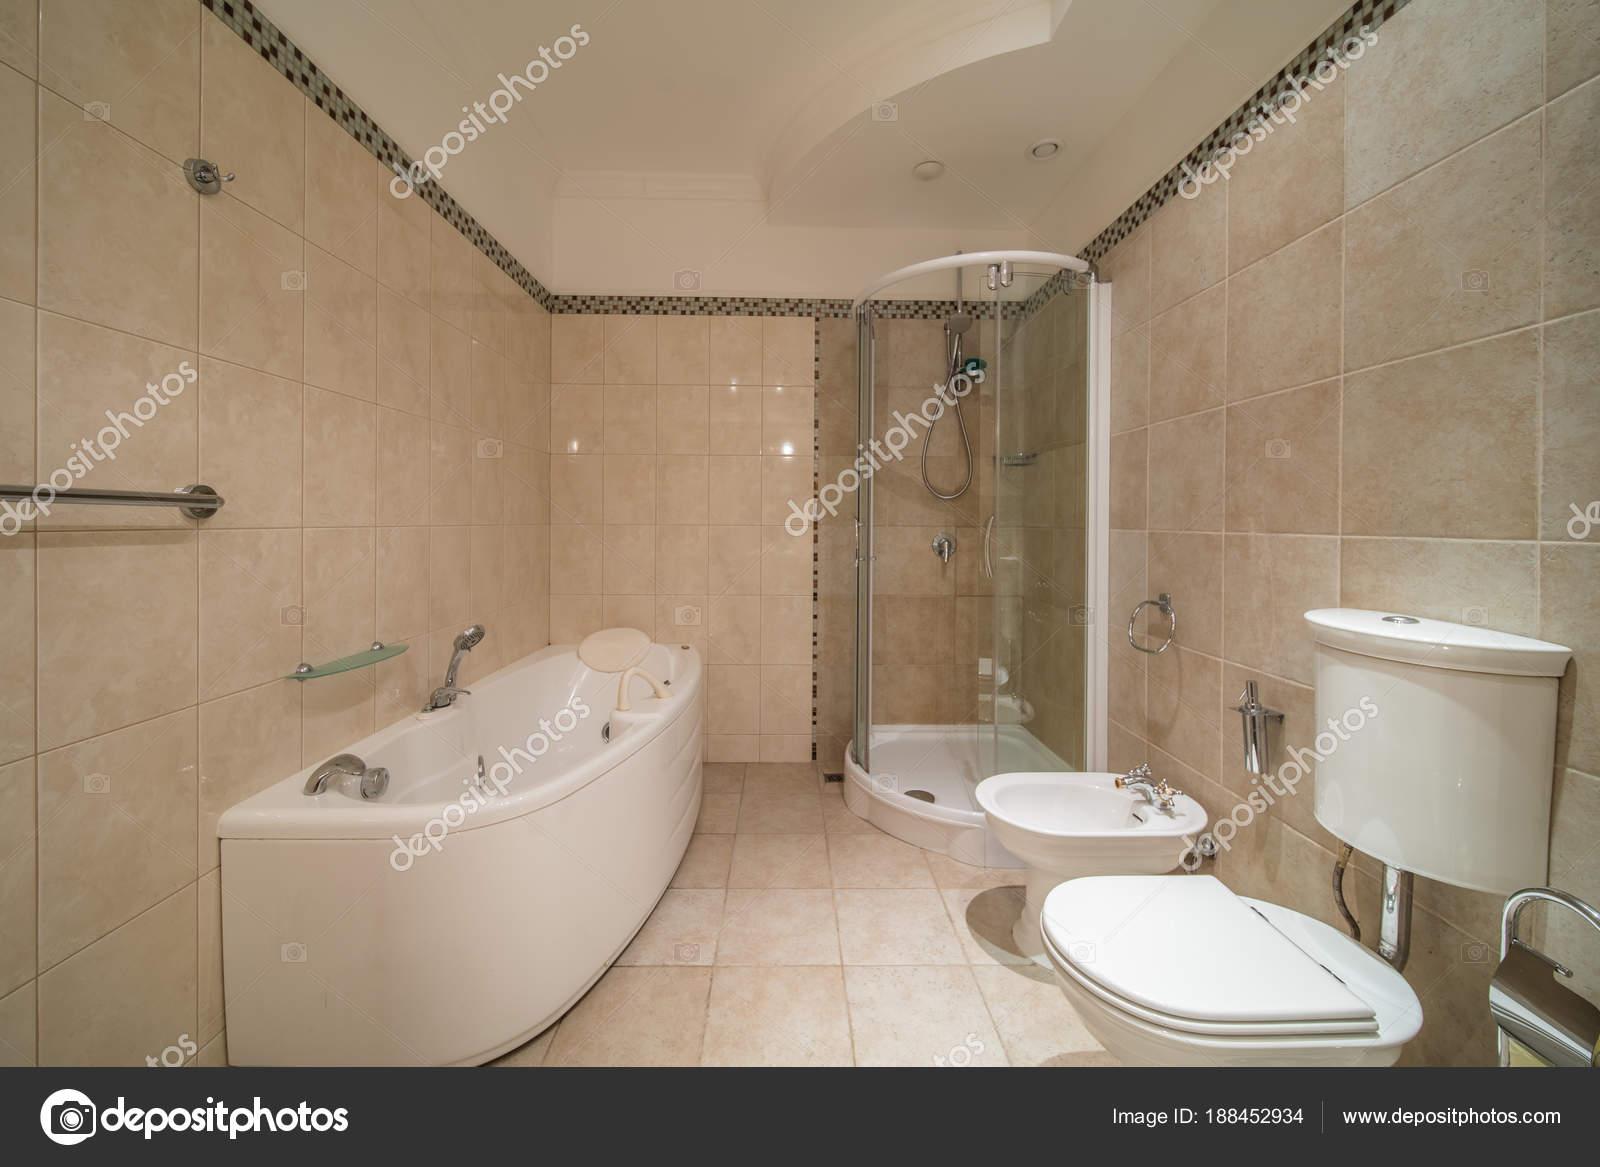 Petite salle de bain beige photographie olgasweet 188452934 - Salle de bains beige ...